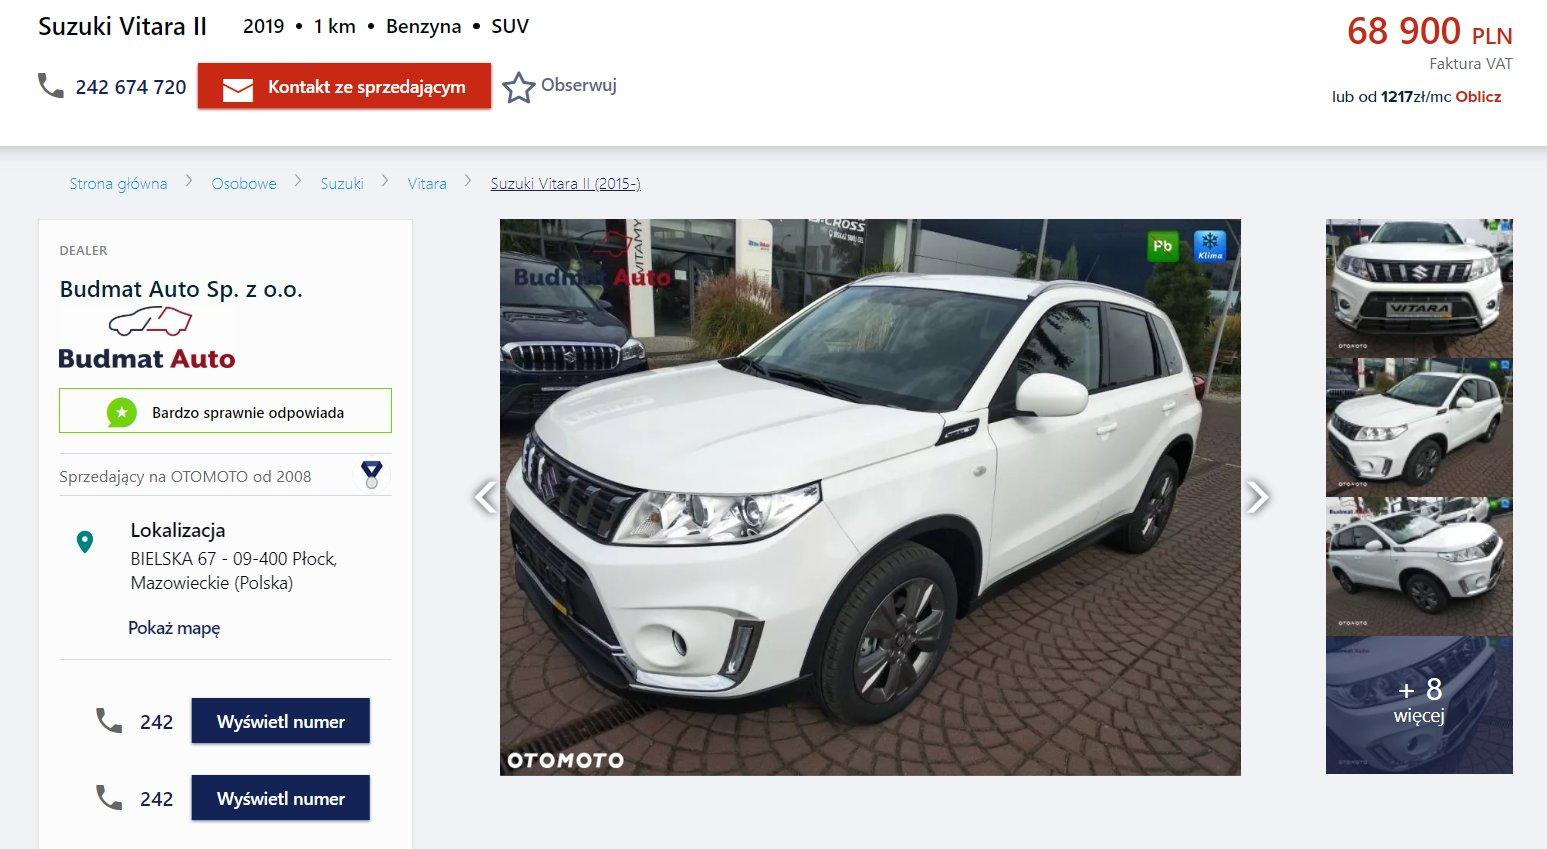 Oferta sprzedaży: Suzuki Vitara, źródło: OtoMoto